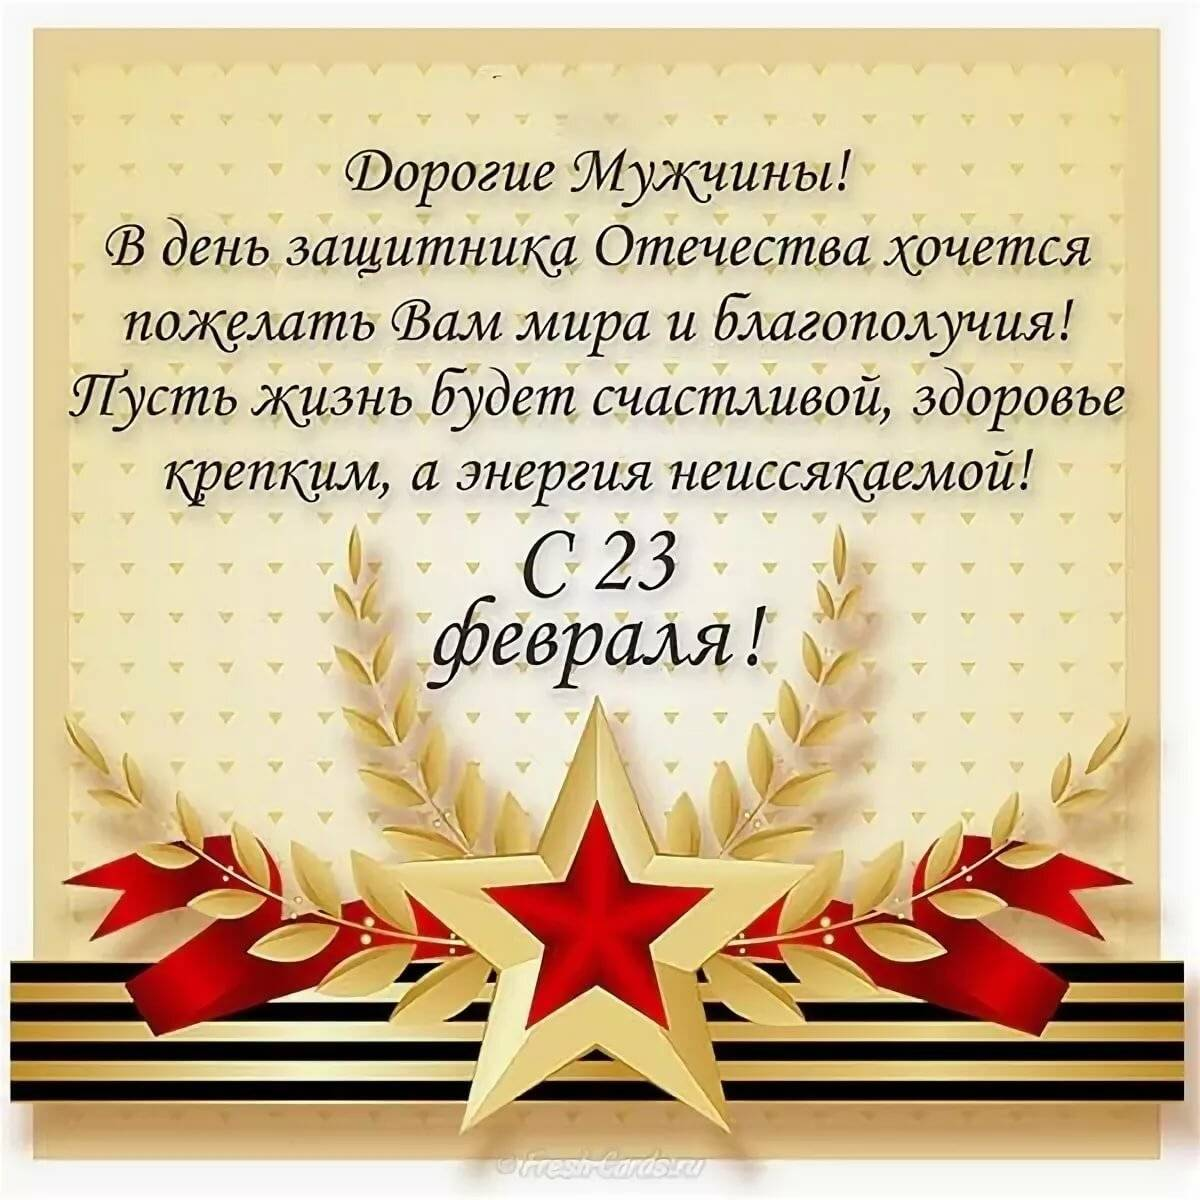 Поздравления с 23 февраля мужчинам коллегам